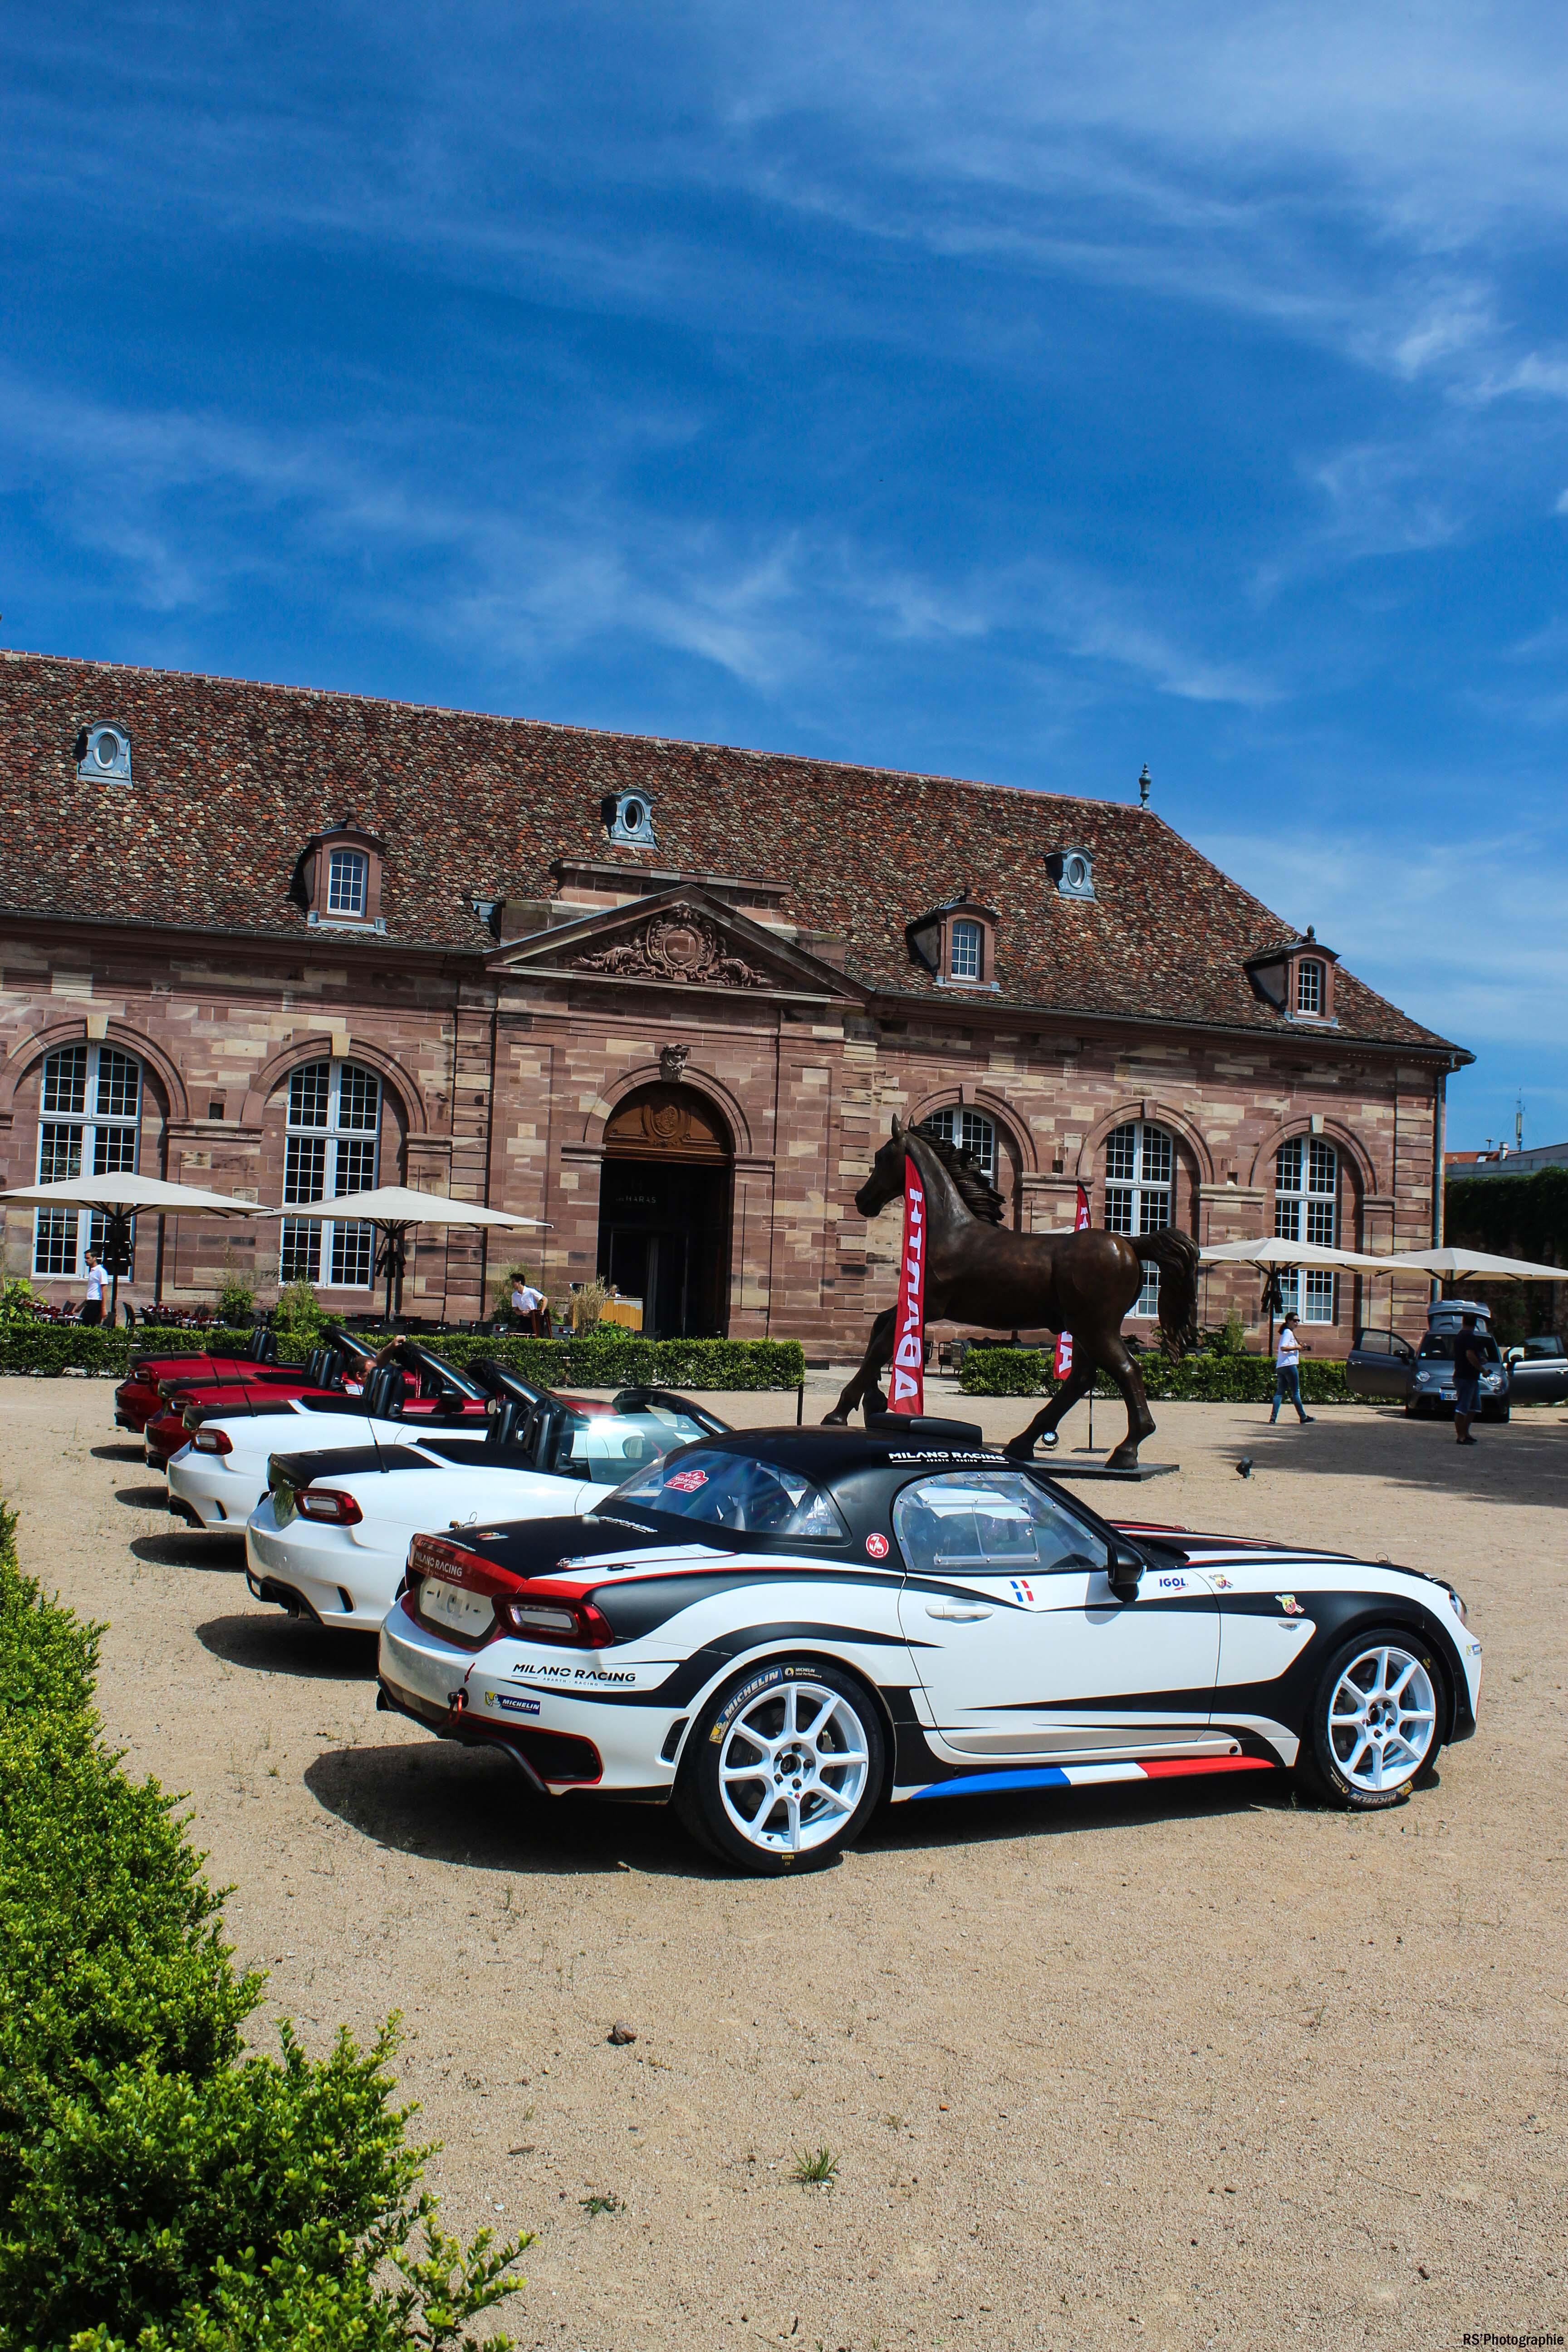 abarth124spider22-abarth-124-rallye-arriere-rear-Arnaud Demasier-RSPhotographie